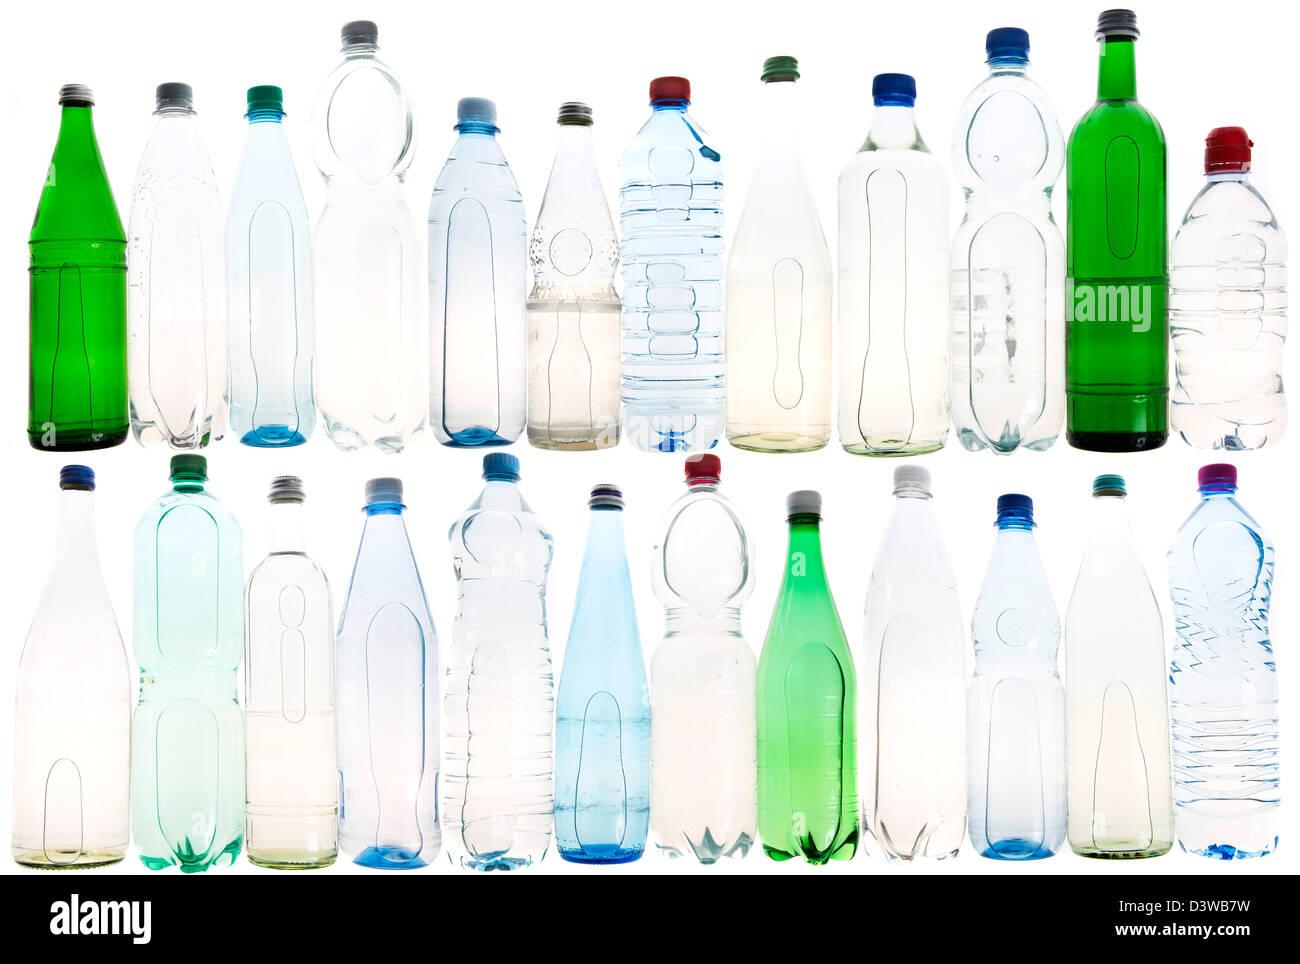 Diversi tipi di bottiglie di minerale e le acque da tavola. Immagini Stock